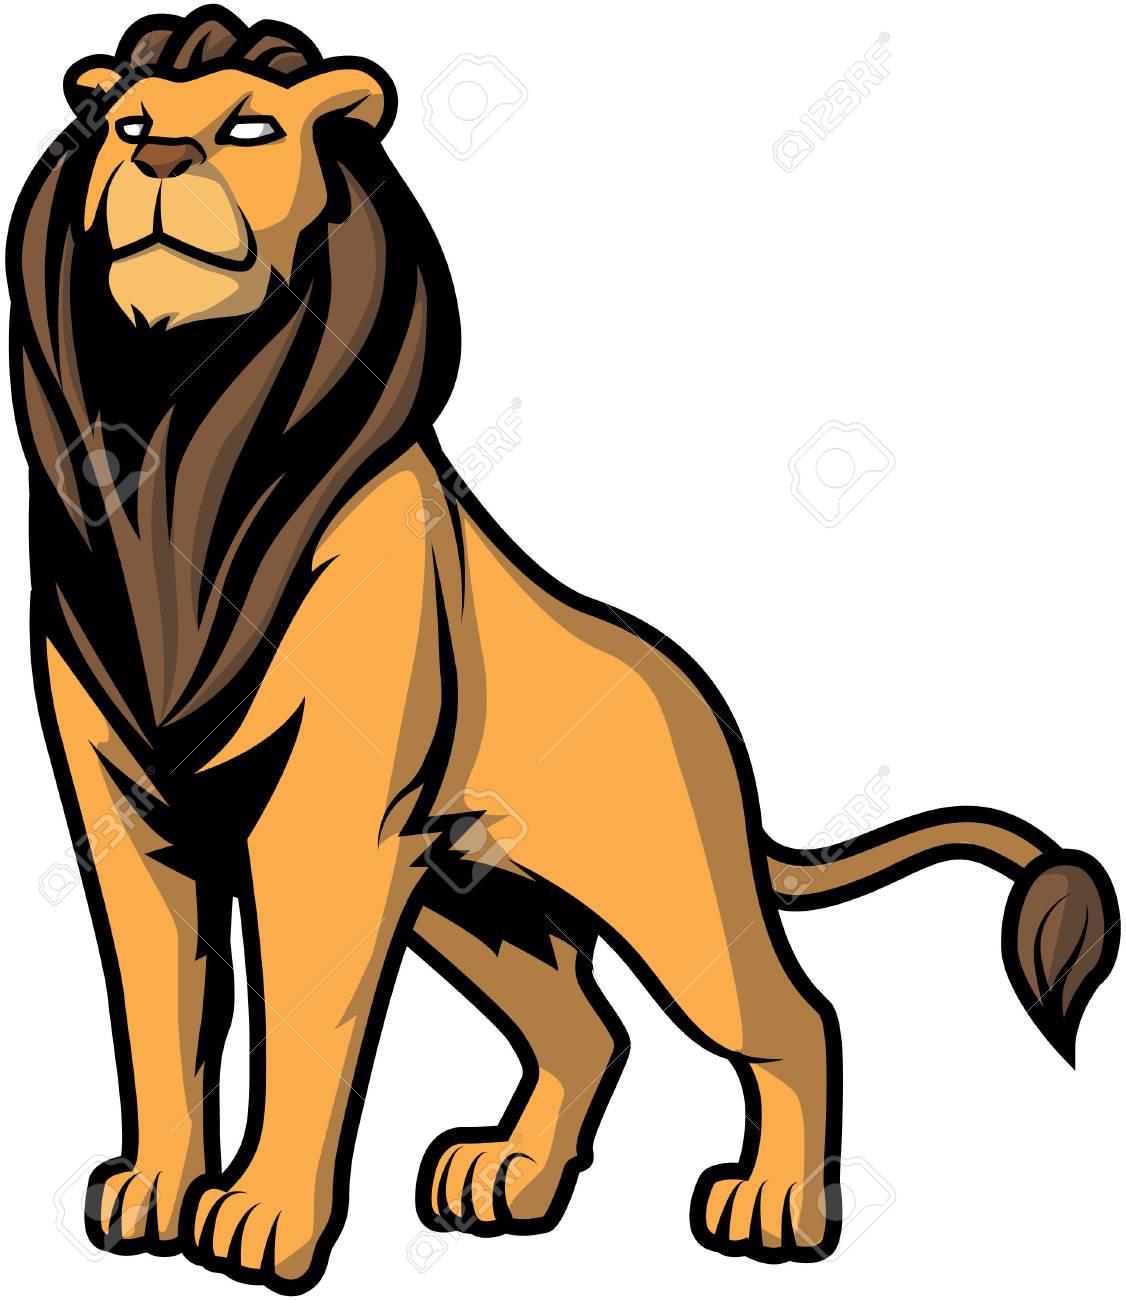 ライオン イラストのイラスト素材ベクタ Image 50263866